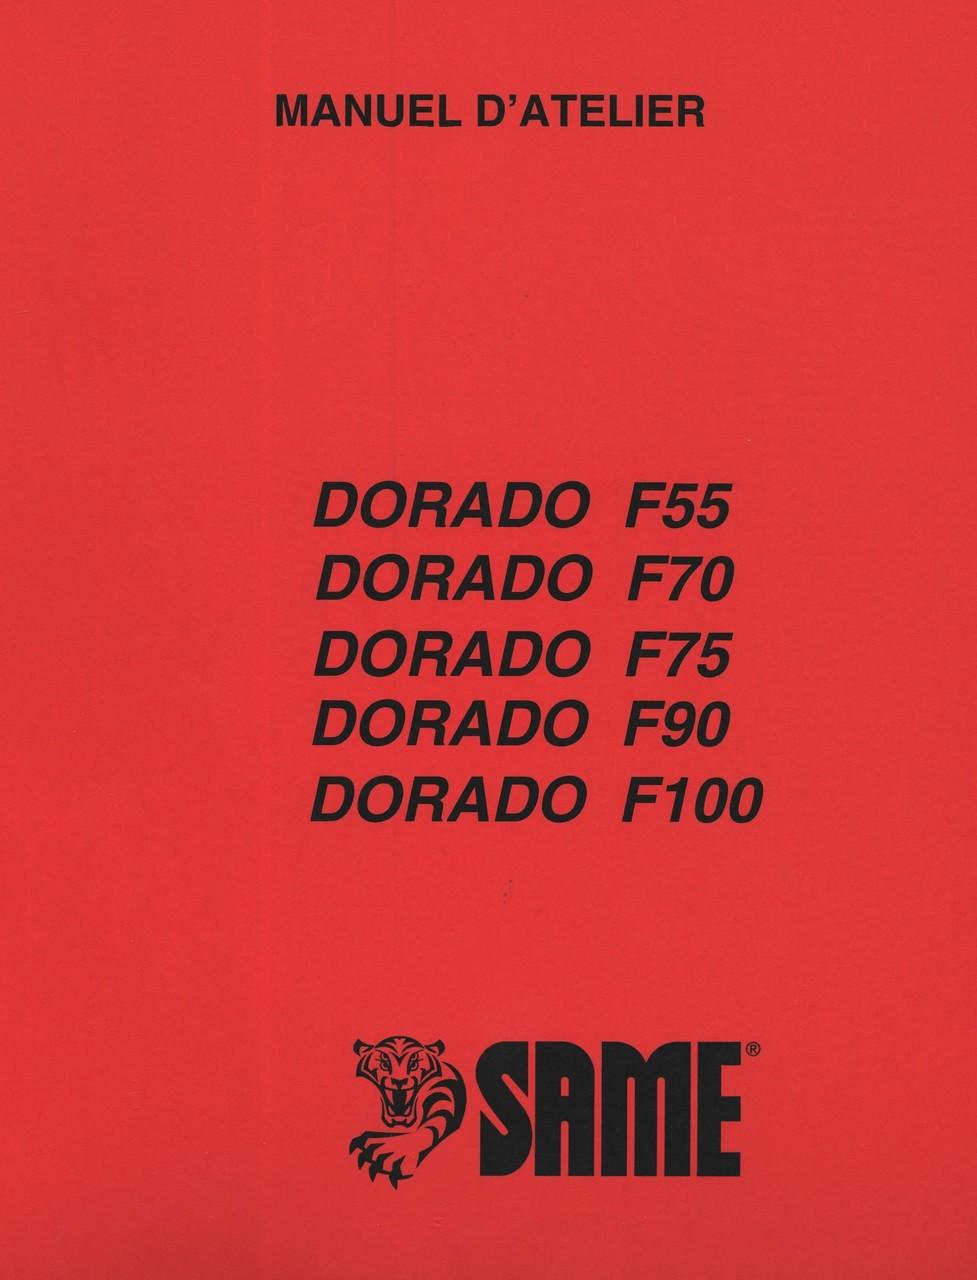 DORADO F 55 - DORADO F 70 - DORADO F 75 - DORADO F 90 - DORADO F 100 - Manuel d'atelier